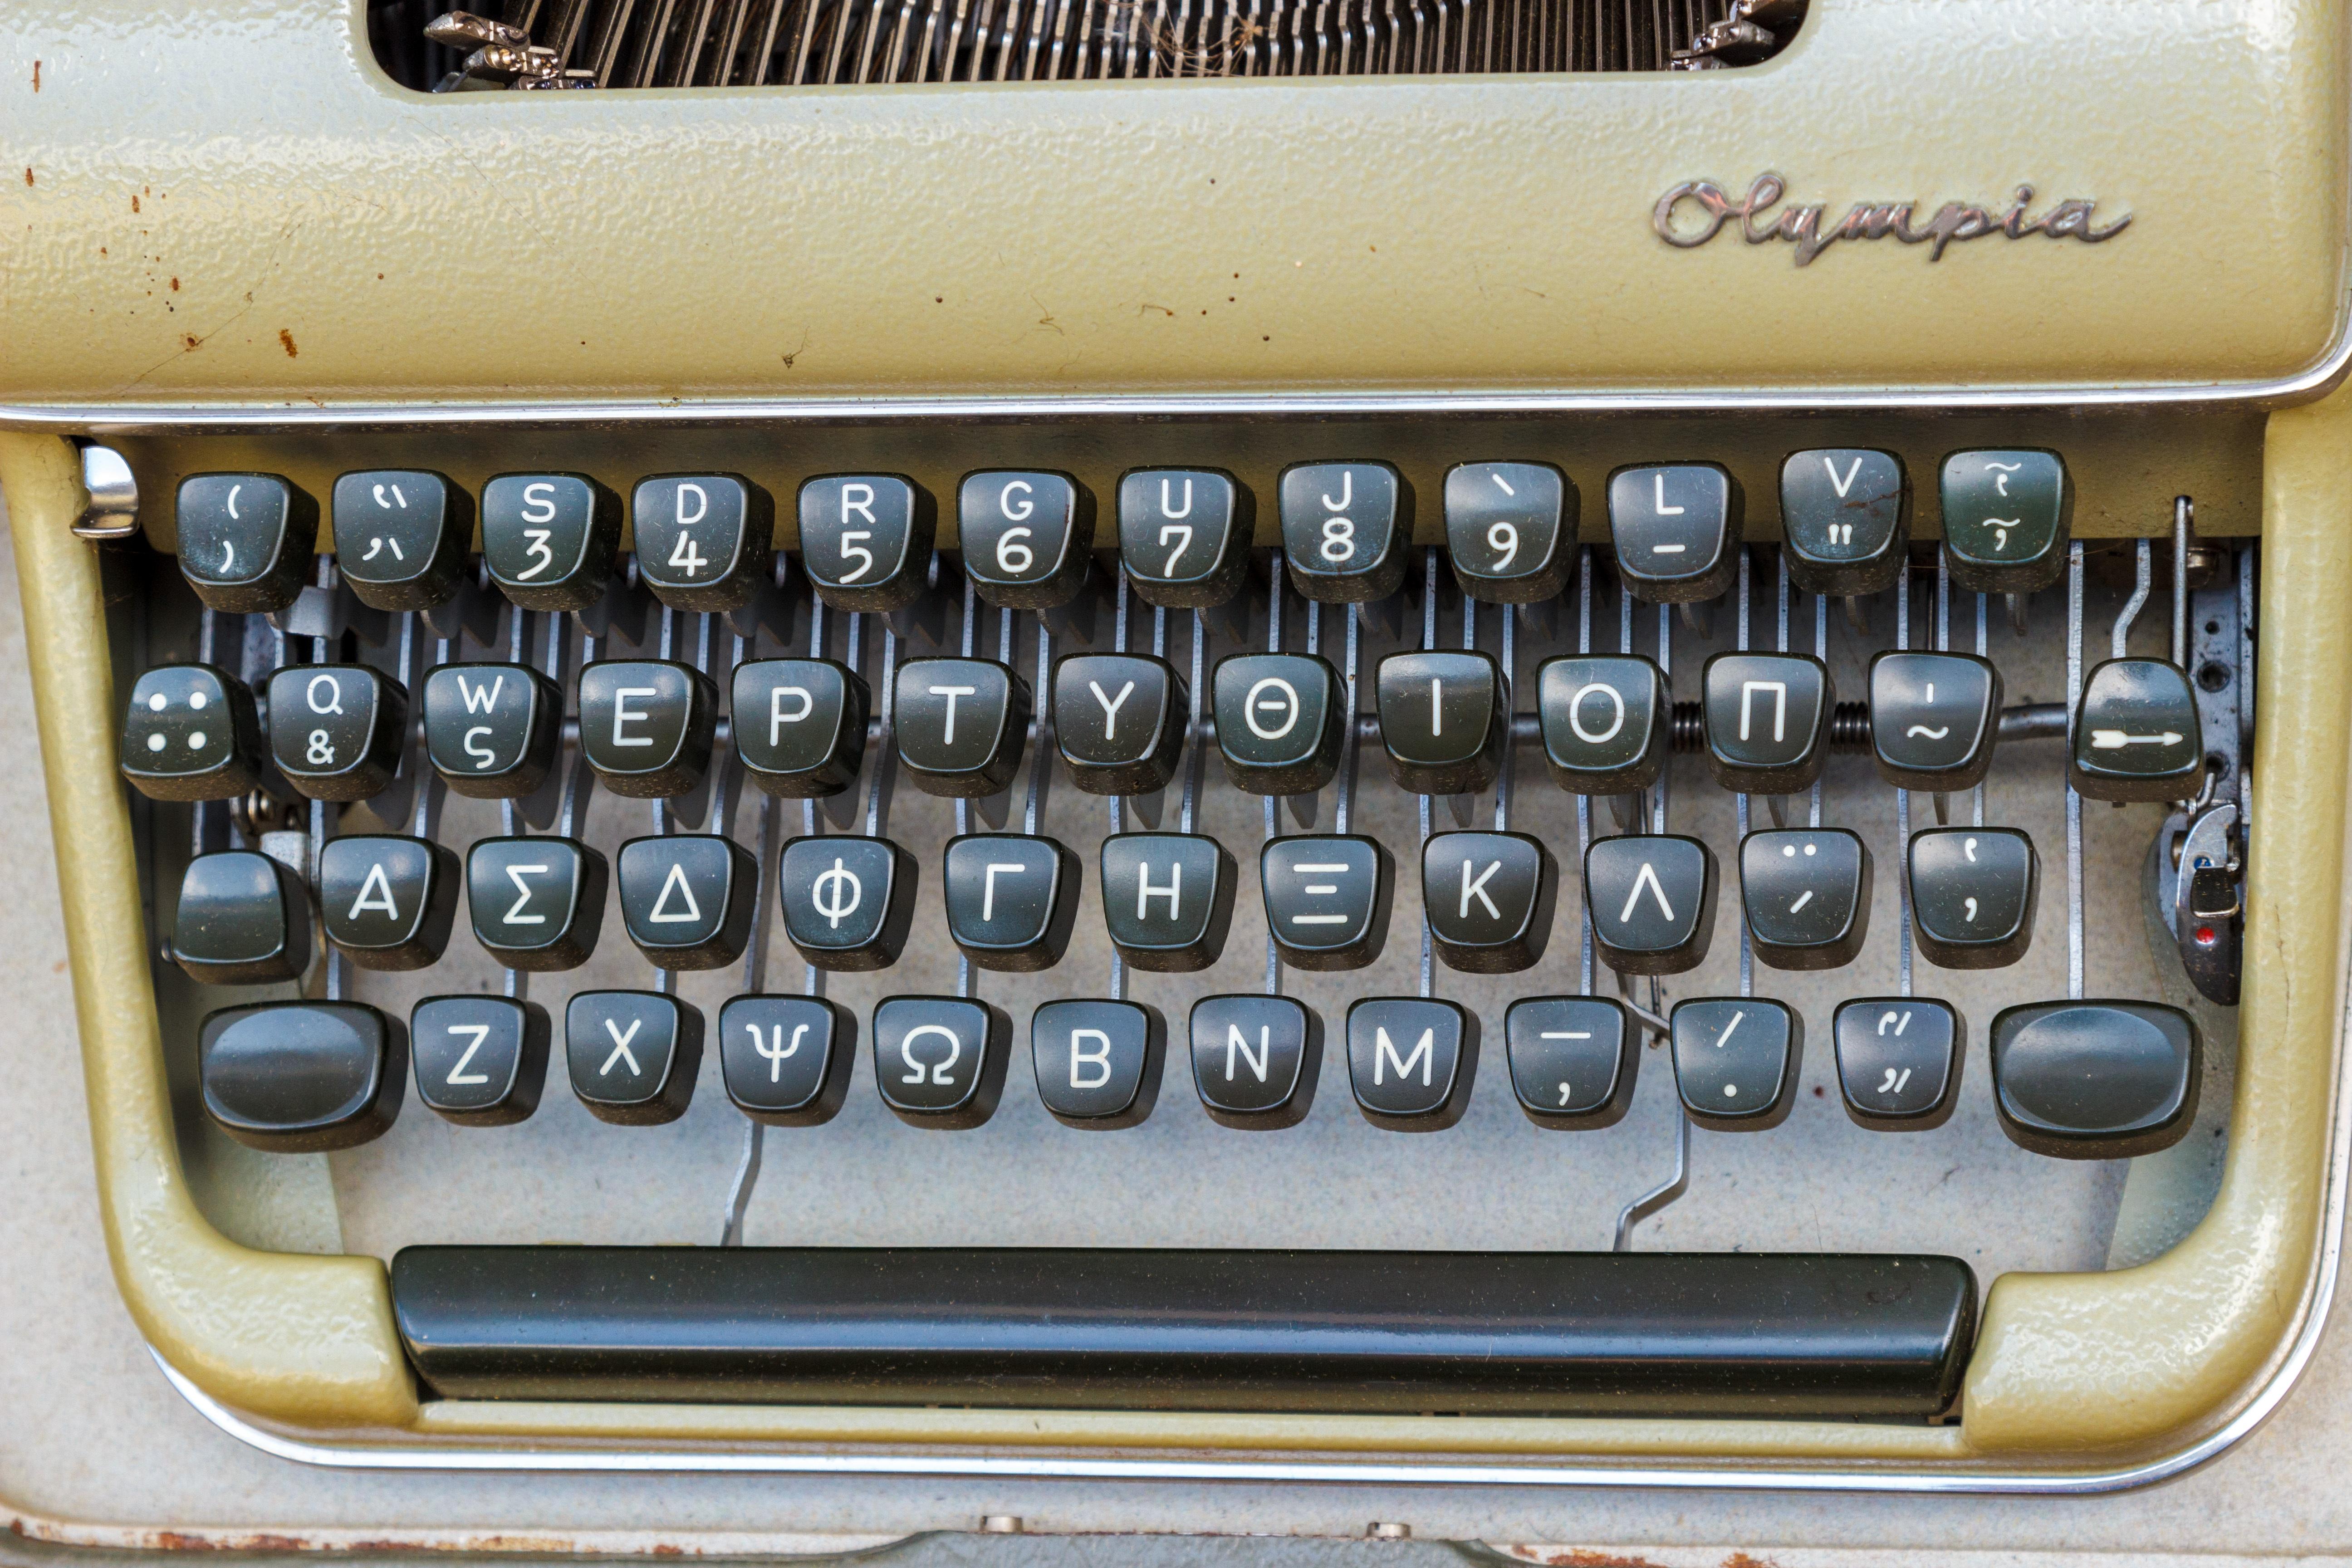 Keyboard Vintage Retro Old Typewriter Greek Metal Office Keys Letters Flea  Market Mechanically Office Supplies Automotive